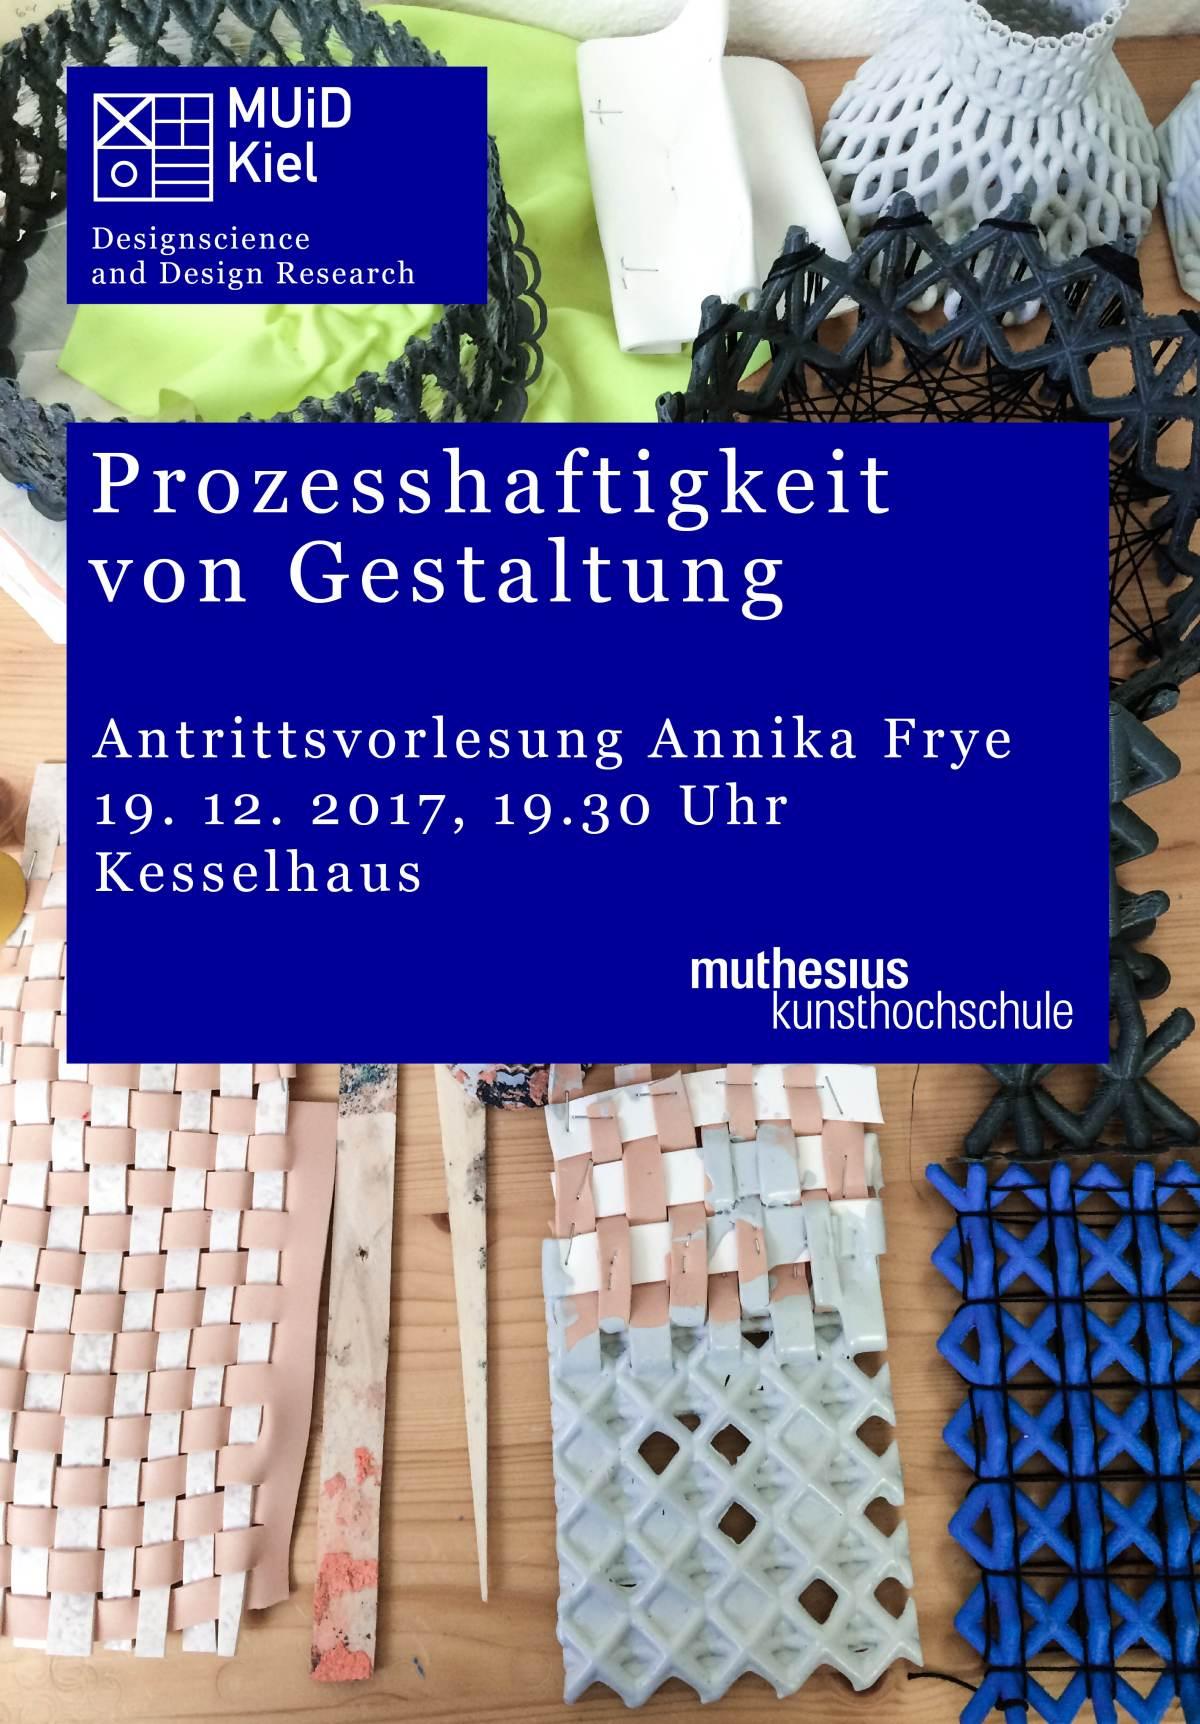 AnnikaFrye_Antrittsvorlesung_Eflyer